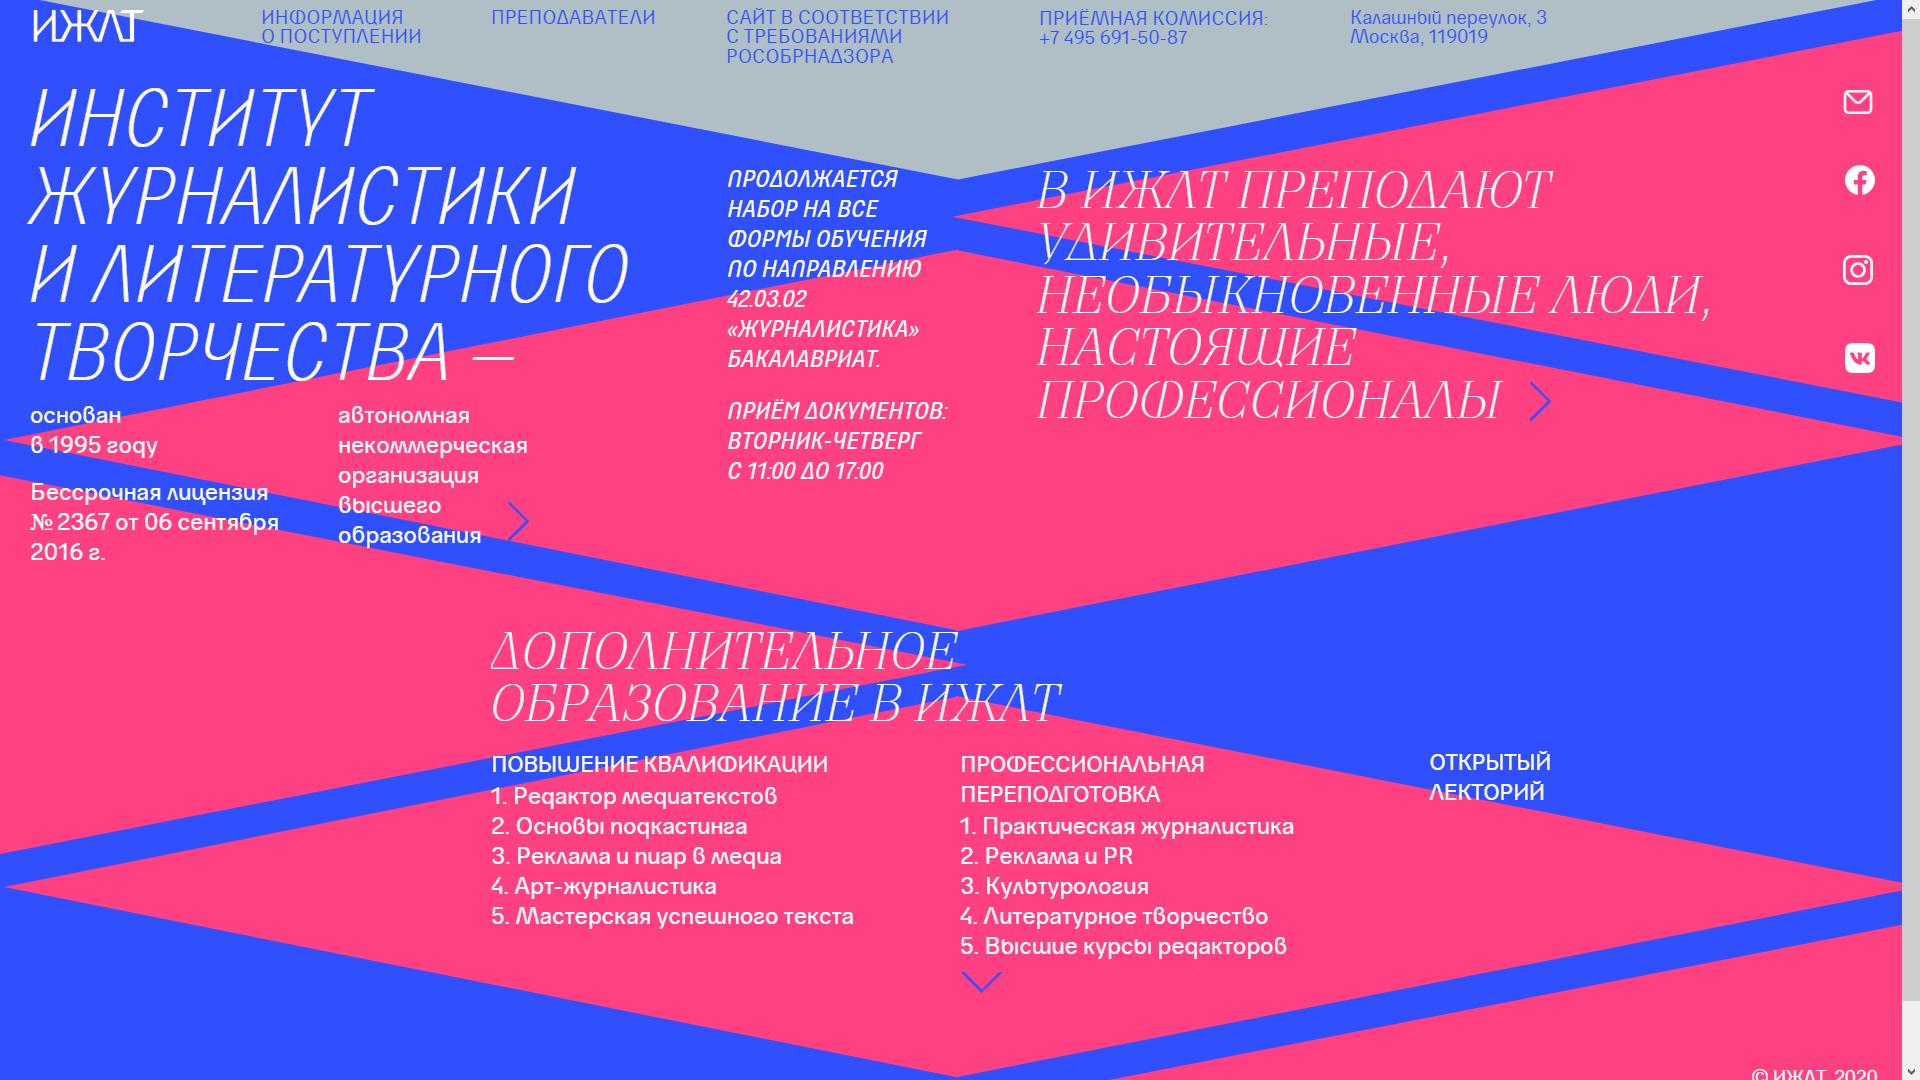 Главный экран сайта ИЖЛТ